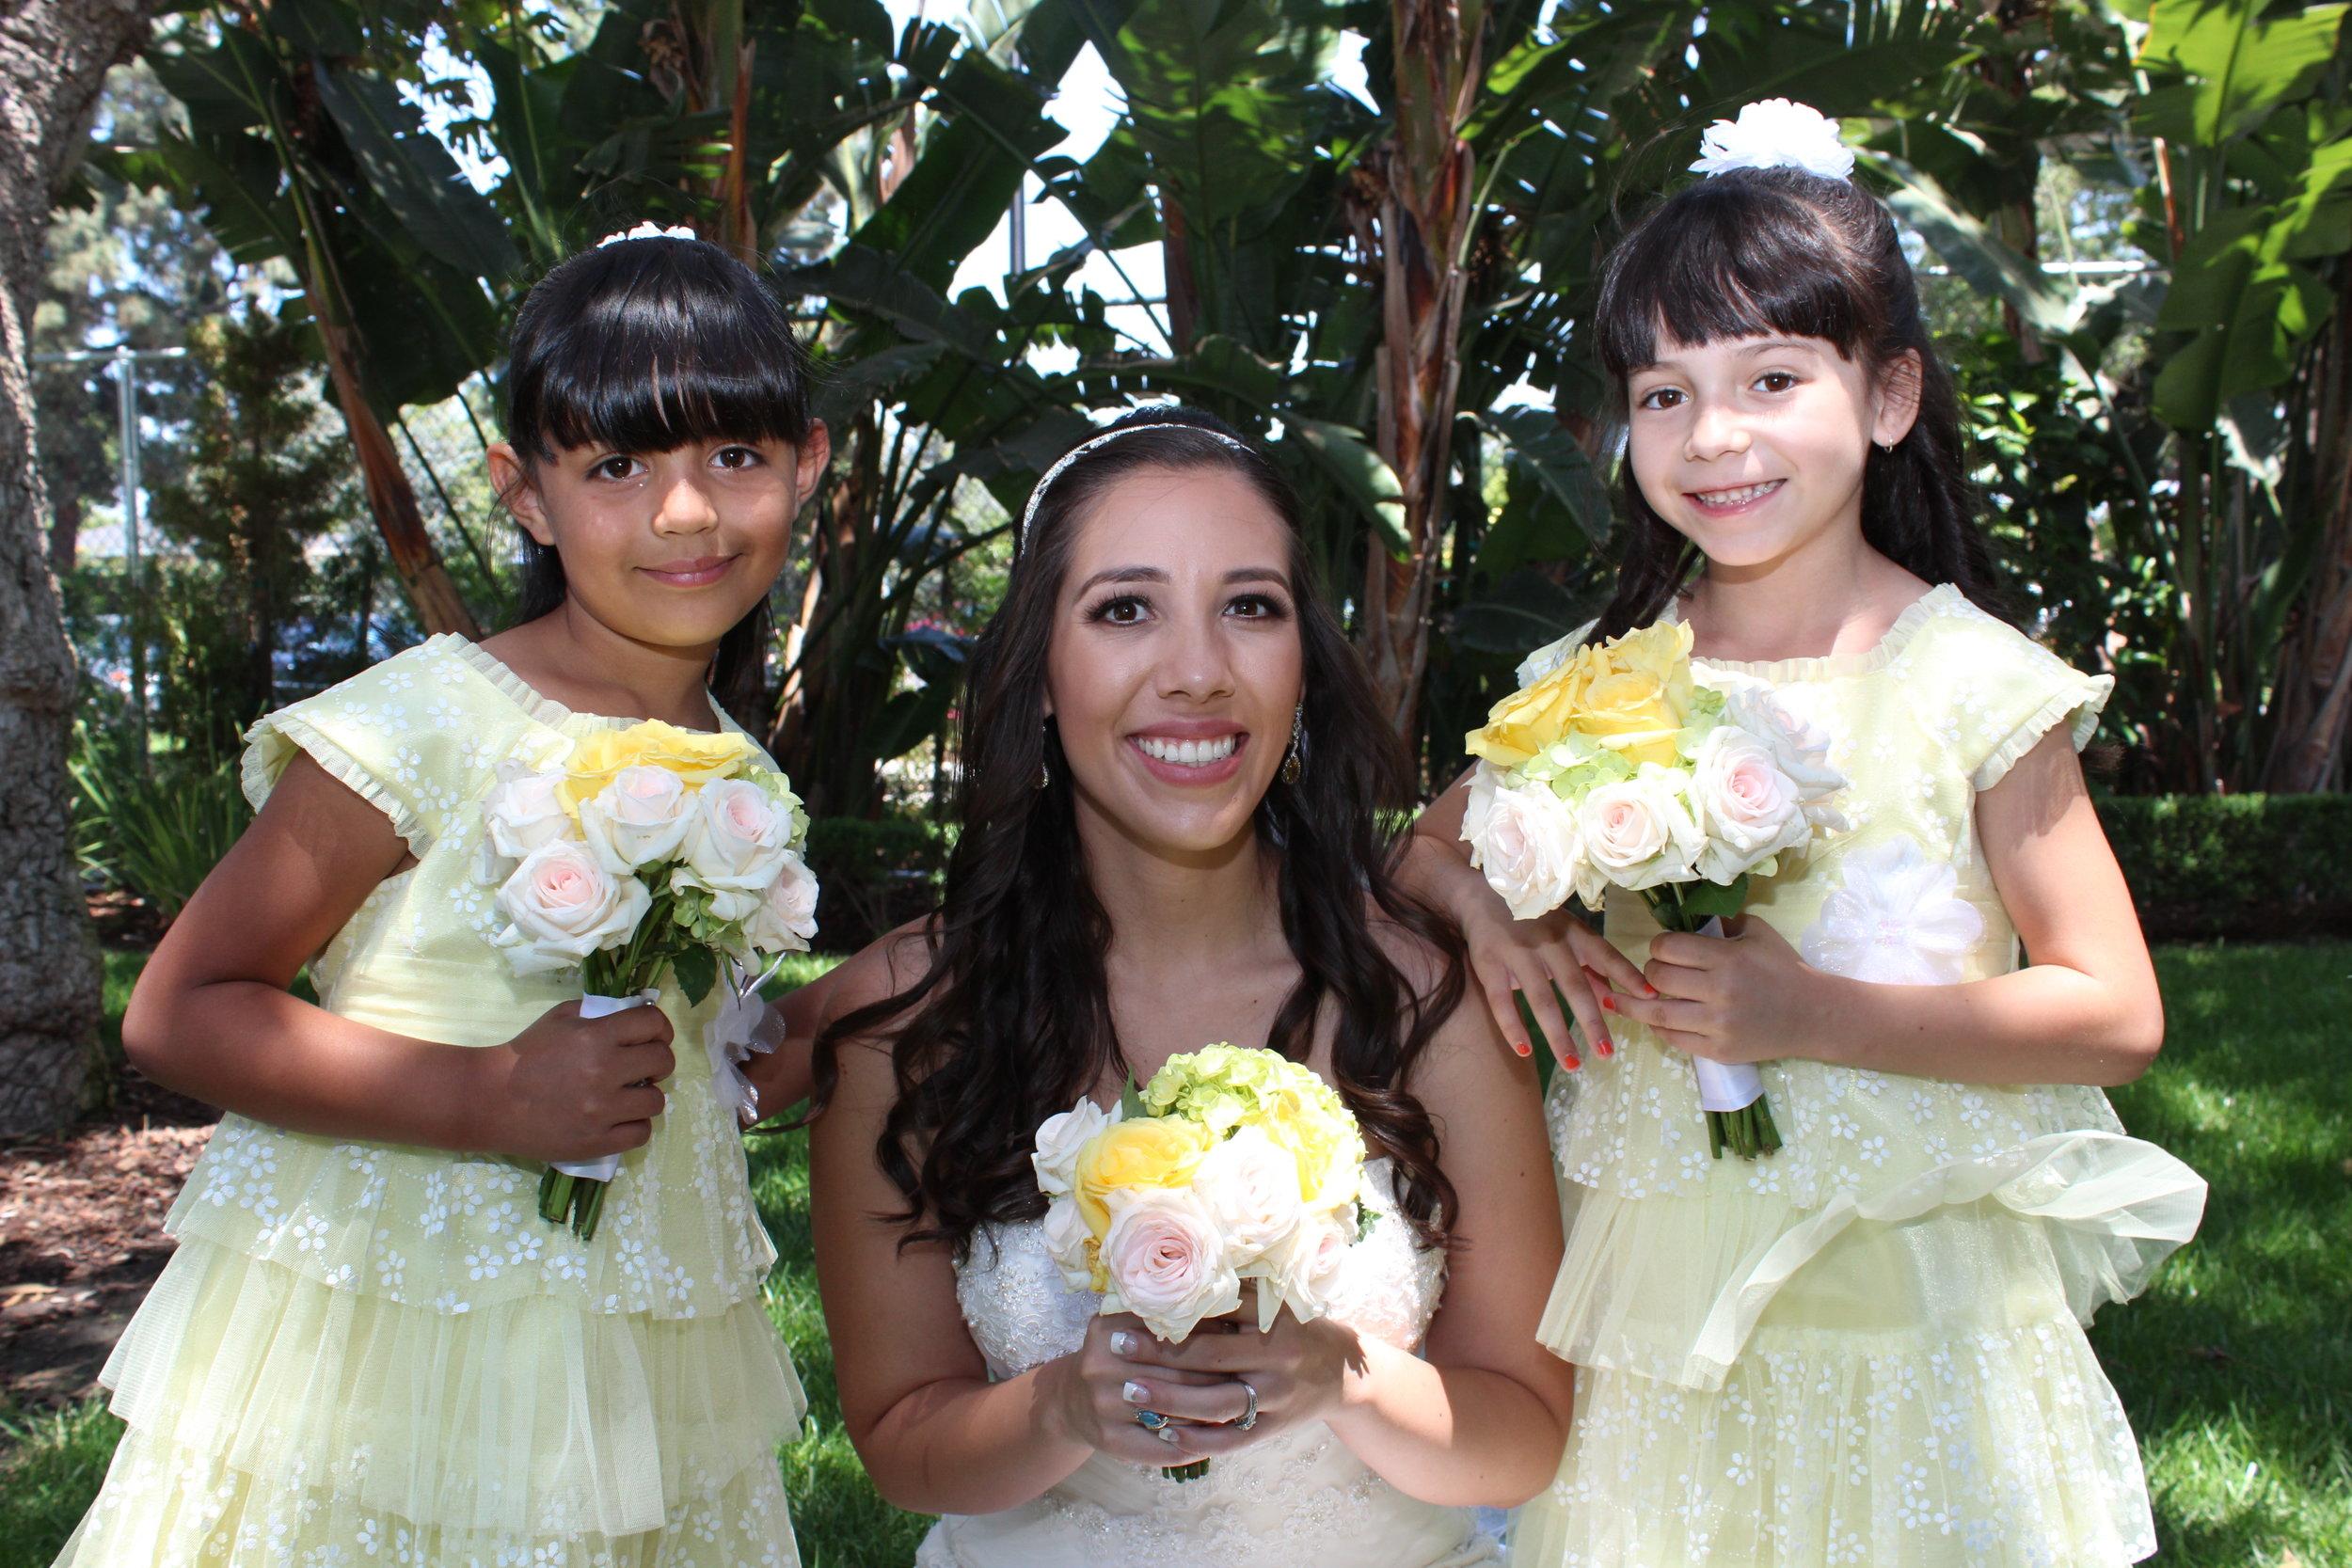 brideandherflowergirlsatprogressparkwestwedding